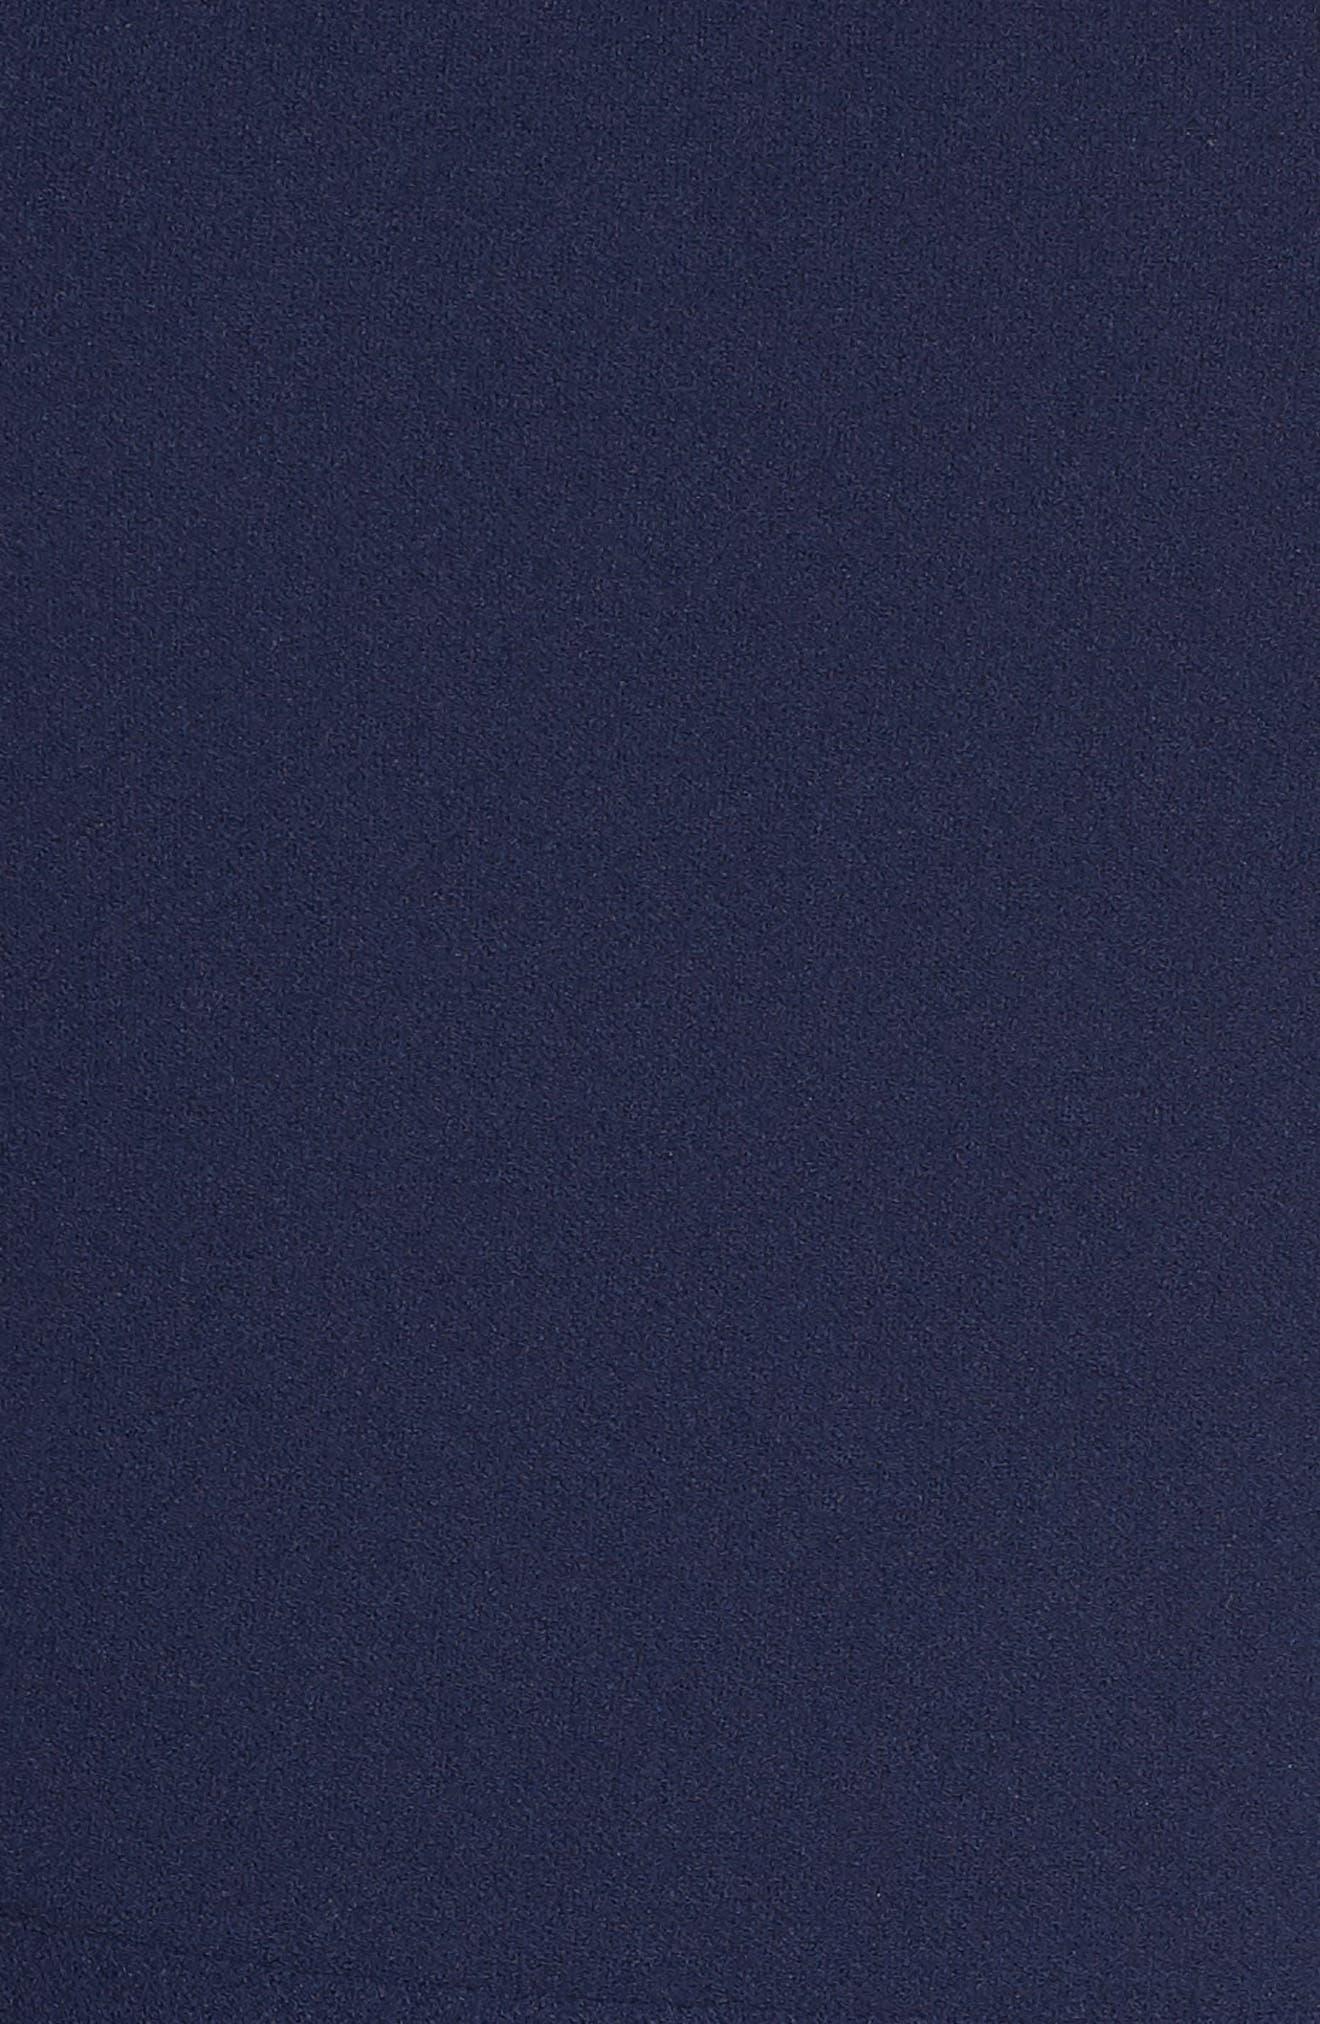 Annie Scuba Crepe Fit & Flare Dress,                             Alternate thumbnail 6, color,                             NAVY